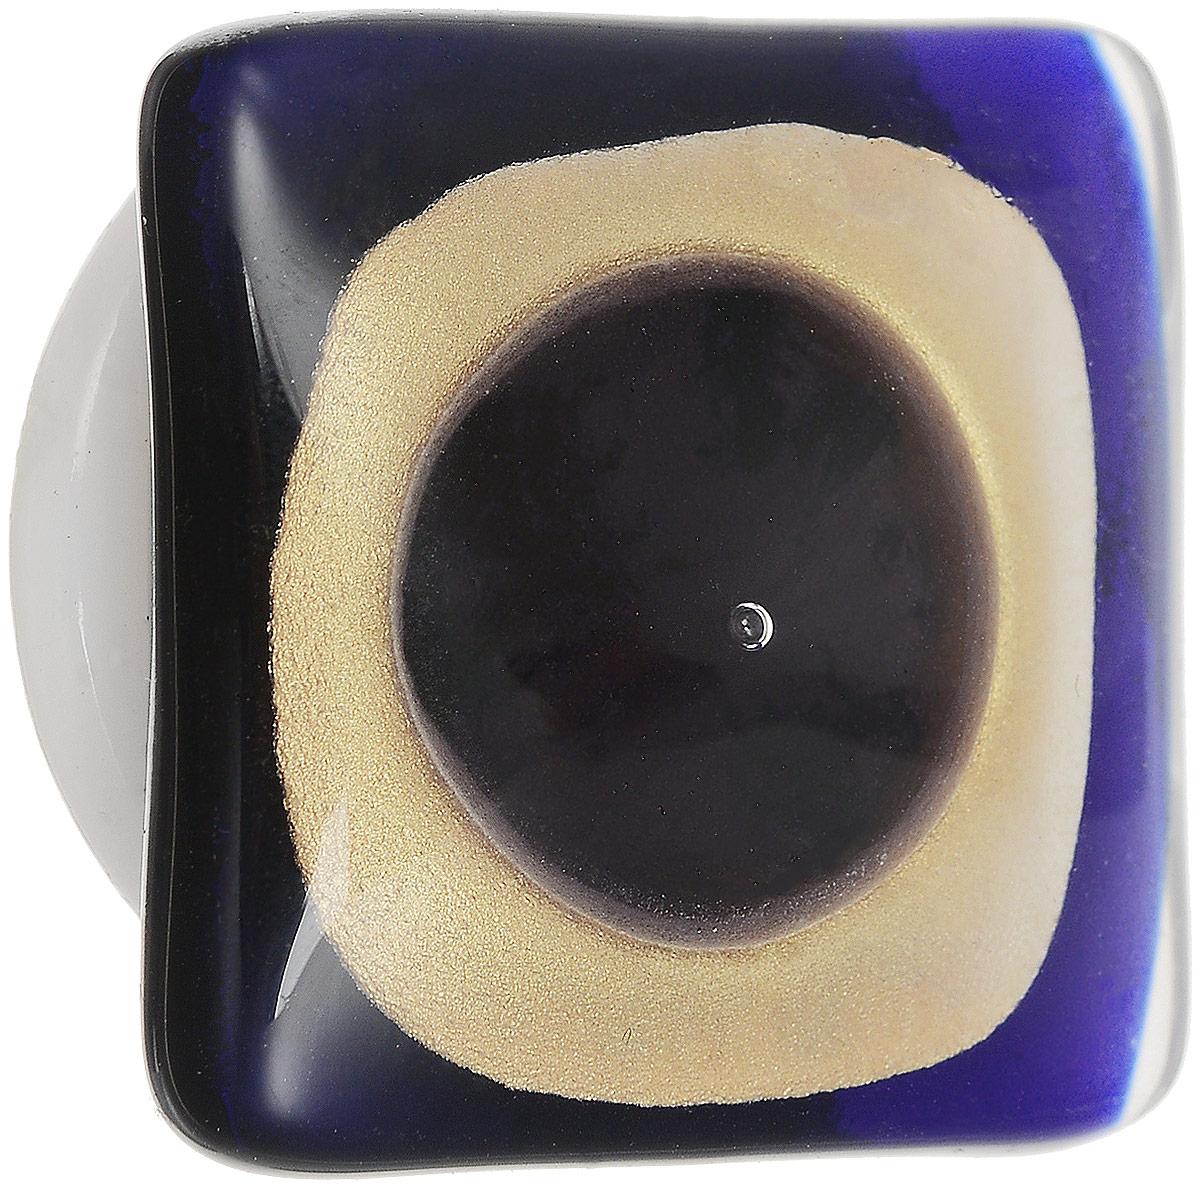 Брошь Сотворение мира. Муранское стекло, магнит, ручная работа. Murano, Италия (Венеция)НПО 070217-17Брошь Сотворение мира. Муранское стекло, магнит, ручная работа. Murano, Италия (Венеция). Размер - 3 х 3 см. Тип крепления - магнит. Брошь можно носить на одежде, шляпе, рюкзаке или сумке. Каждое изделие из муранского стекла уникально и может незначительно отличаться от того, что вы видите на фотографии.